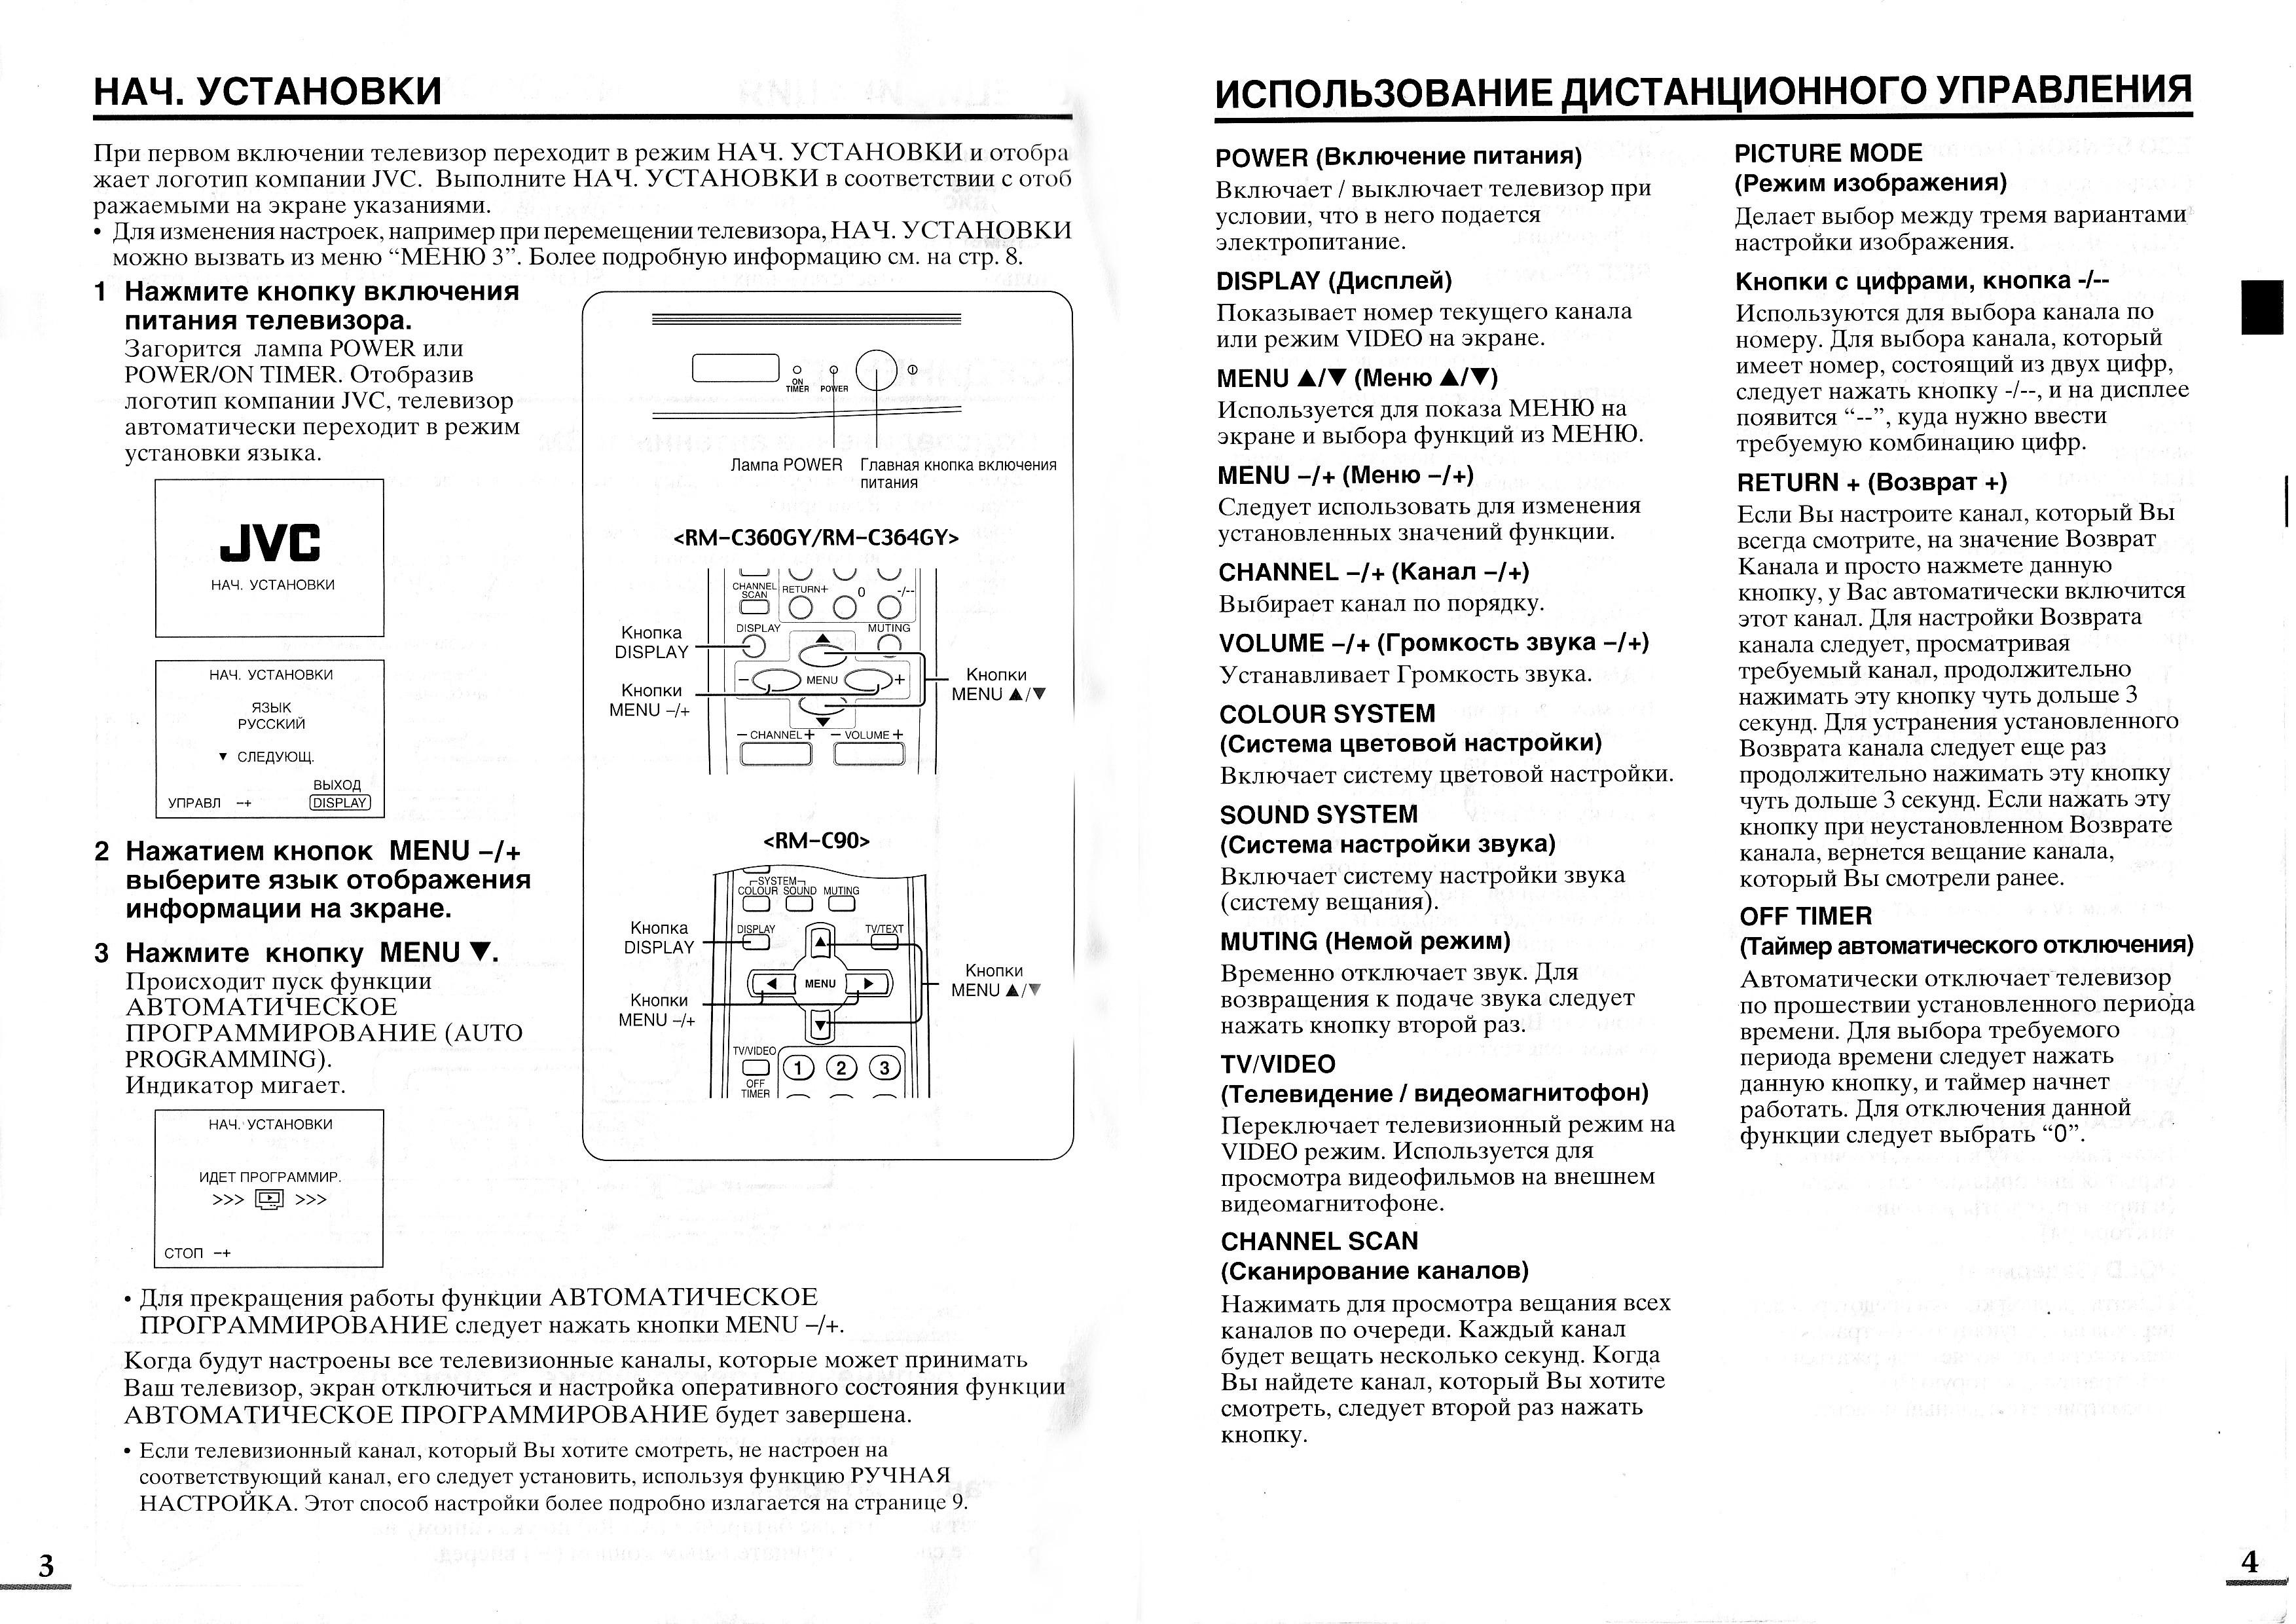 Инструкция телевизора jvc av 14a3 av 14f3 av 20n3 av 21e3 av